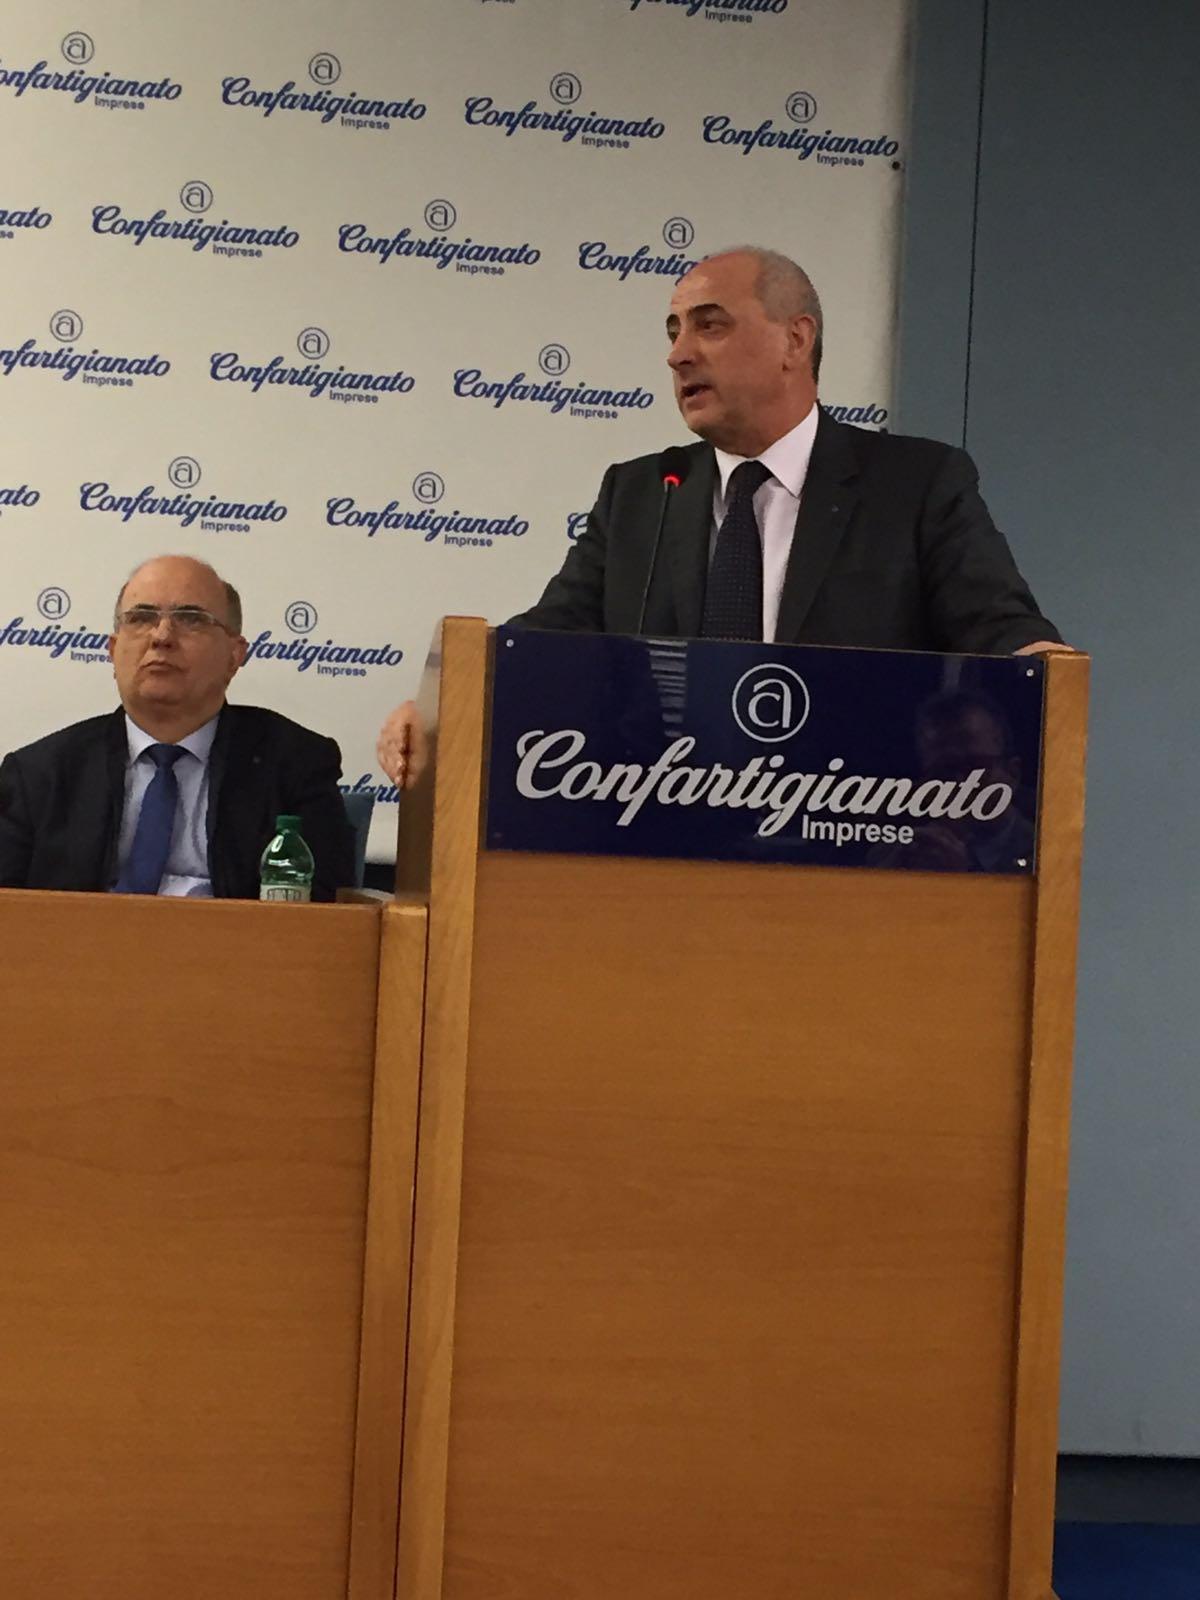 La Guida - Domenico Massimino eletto vice presidente nazionale di Confartigianato